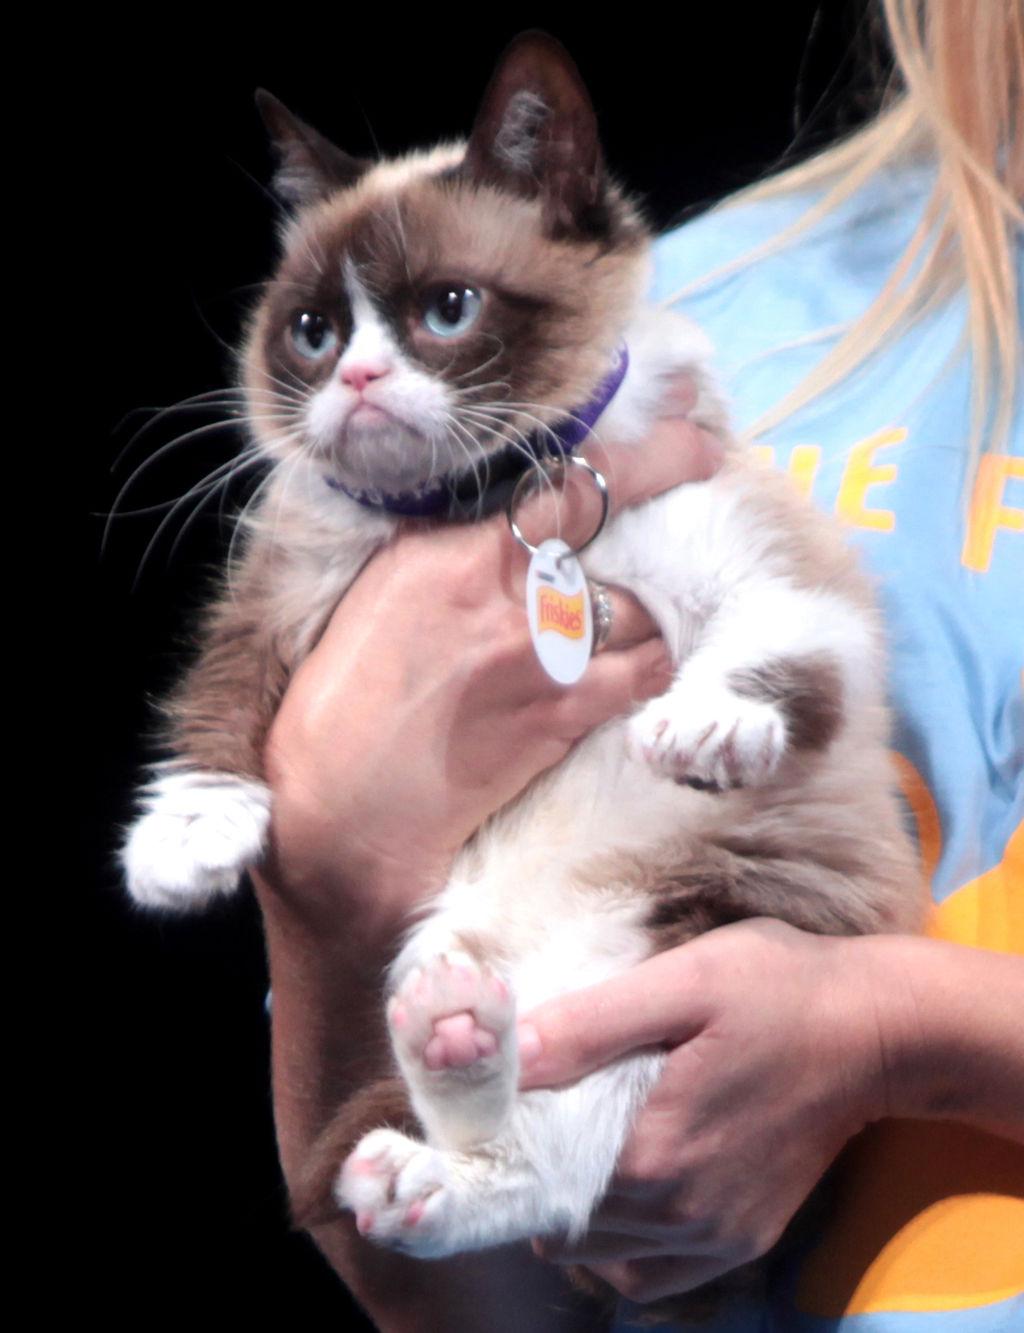 Grumpy_Cat_by_Gage_Skidmore.jpg